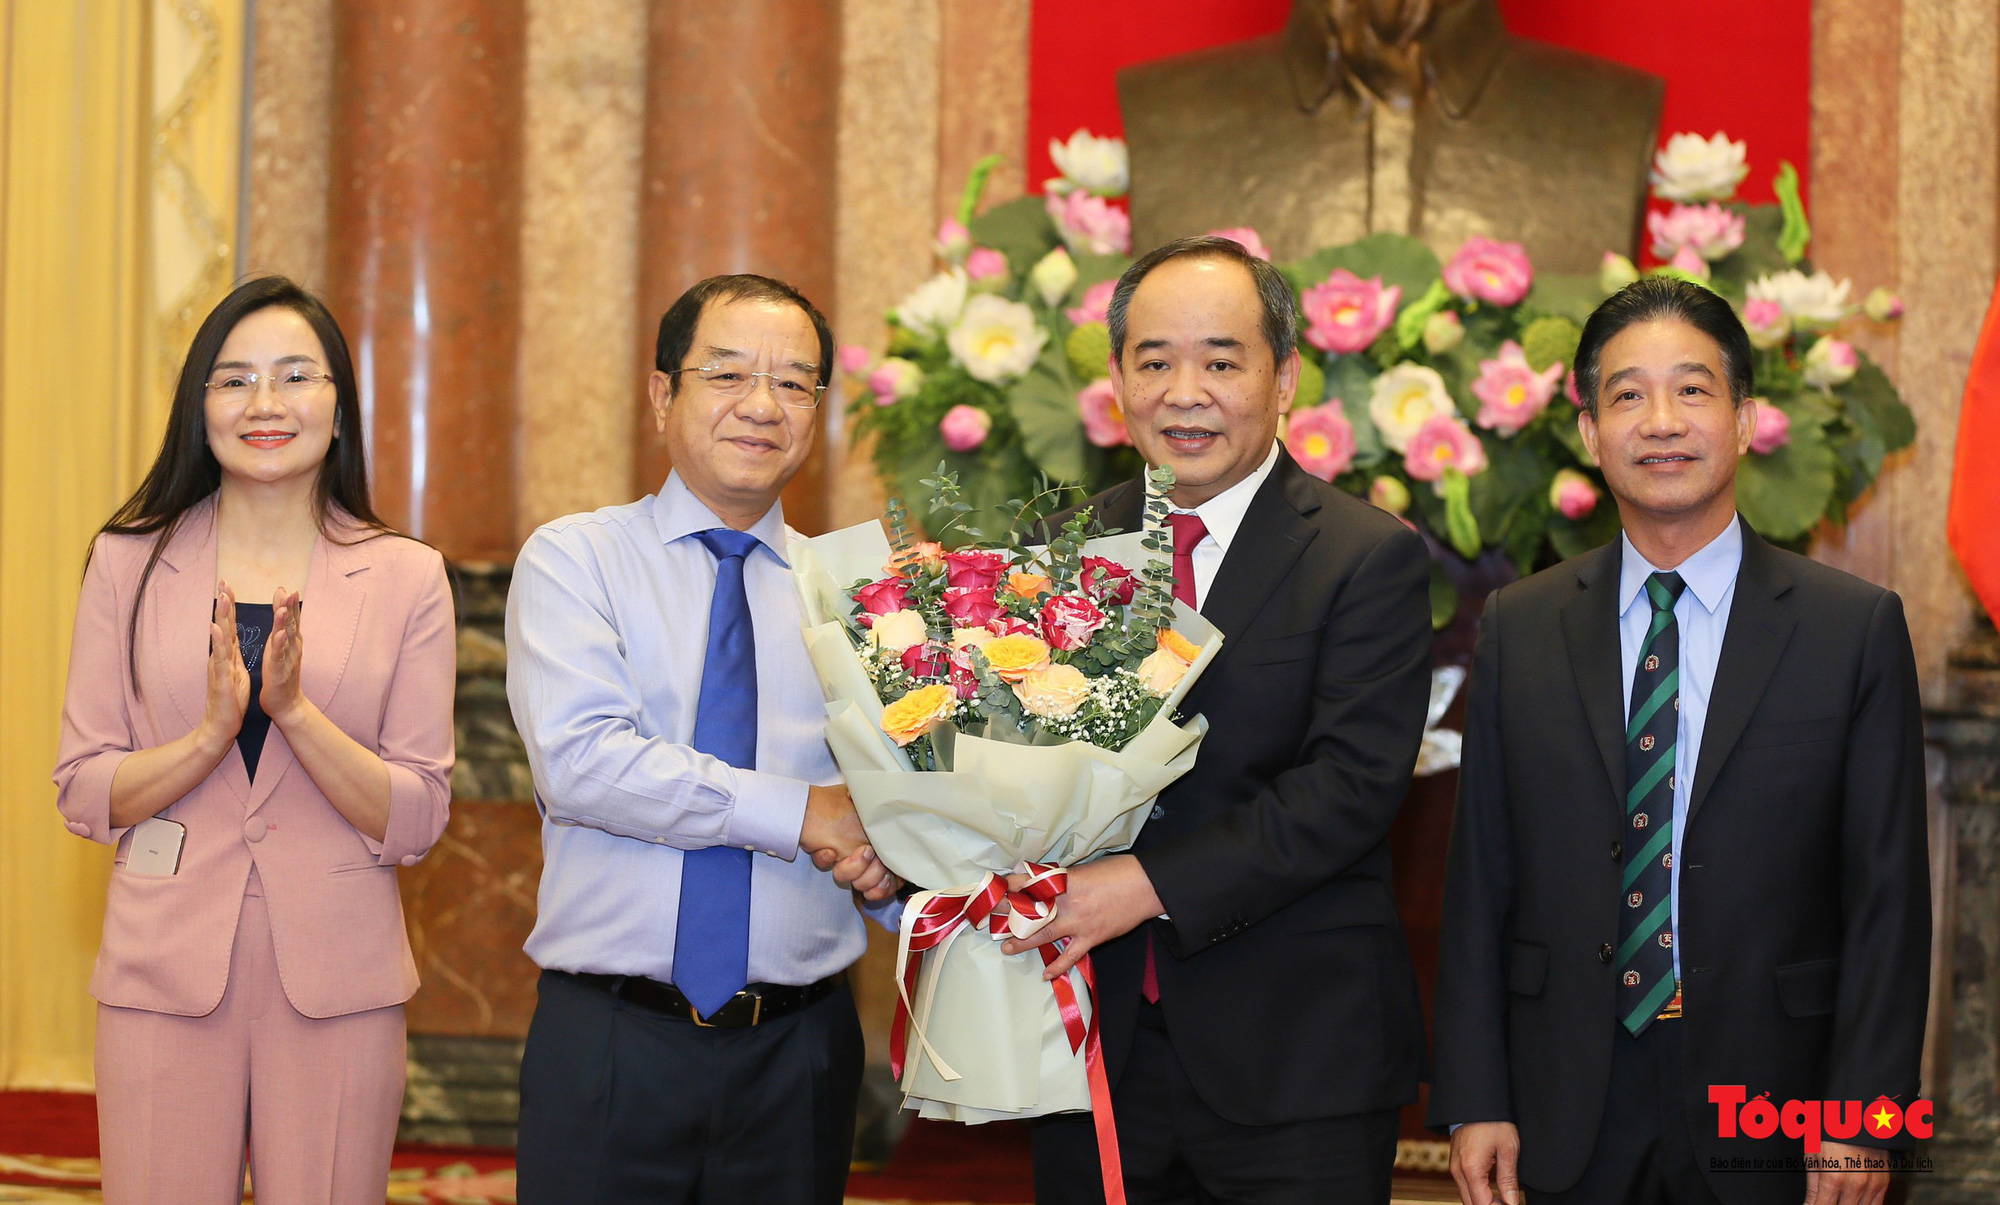 Thứ trưởng Bộ VHTTDL Lê Khánh Hải được bổ nhiệm làm Phó Chủ nhiệm Văn phòng Chủ tịch nước - Ảnh 5.